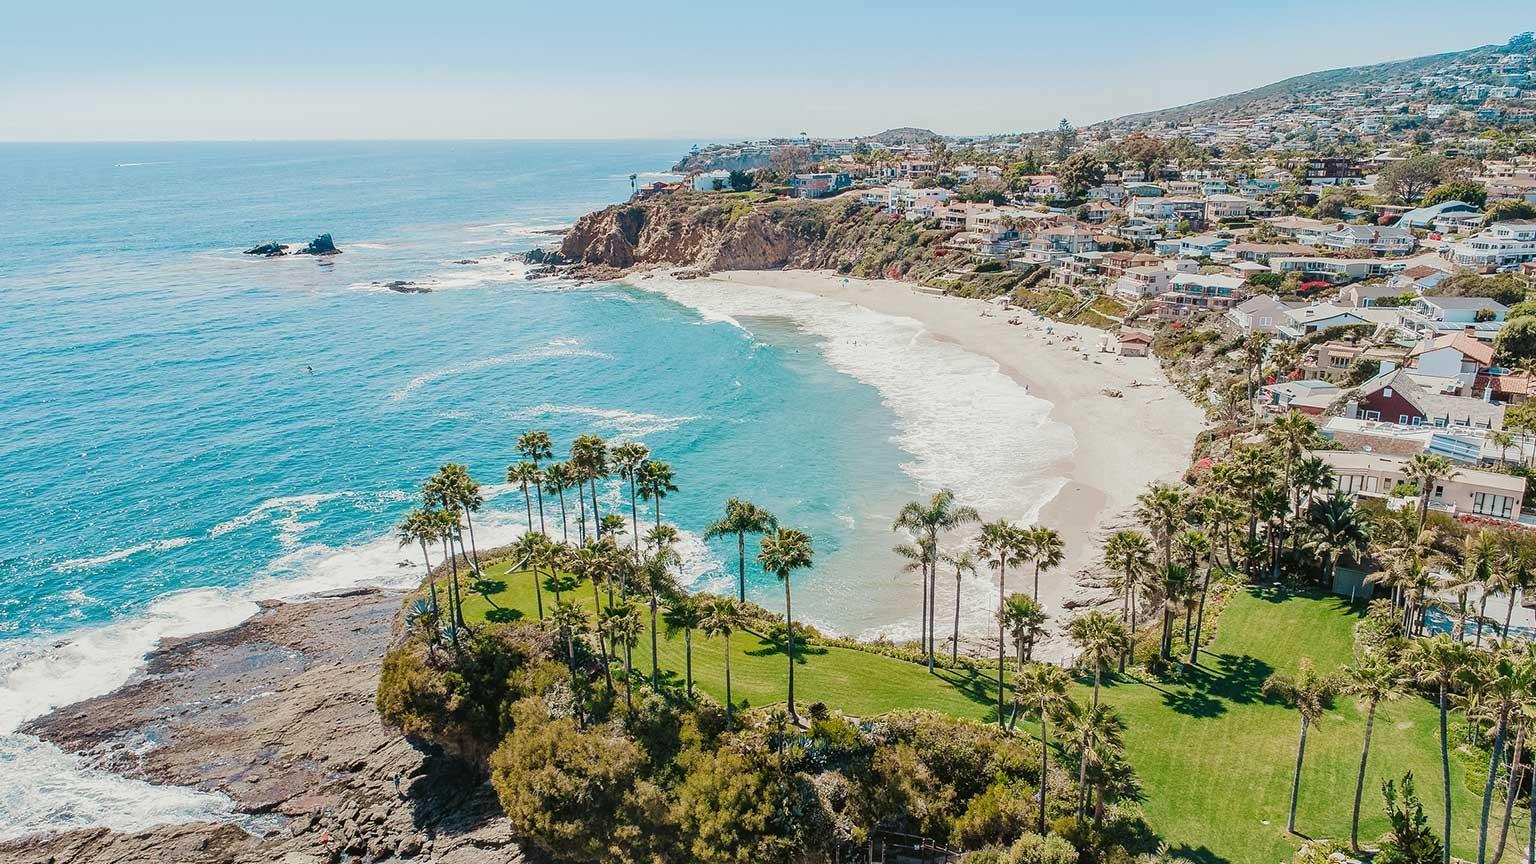 Aerial view of Laguna Beach, California